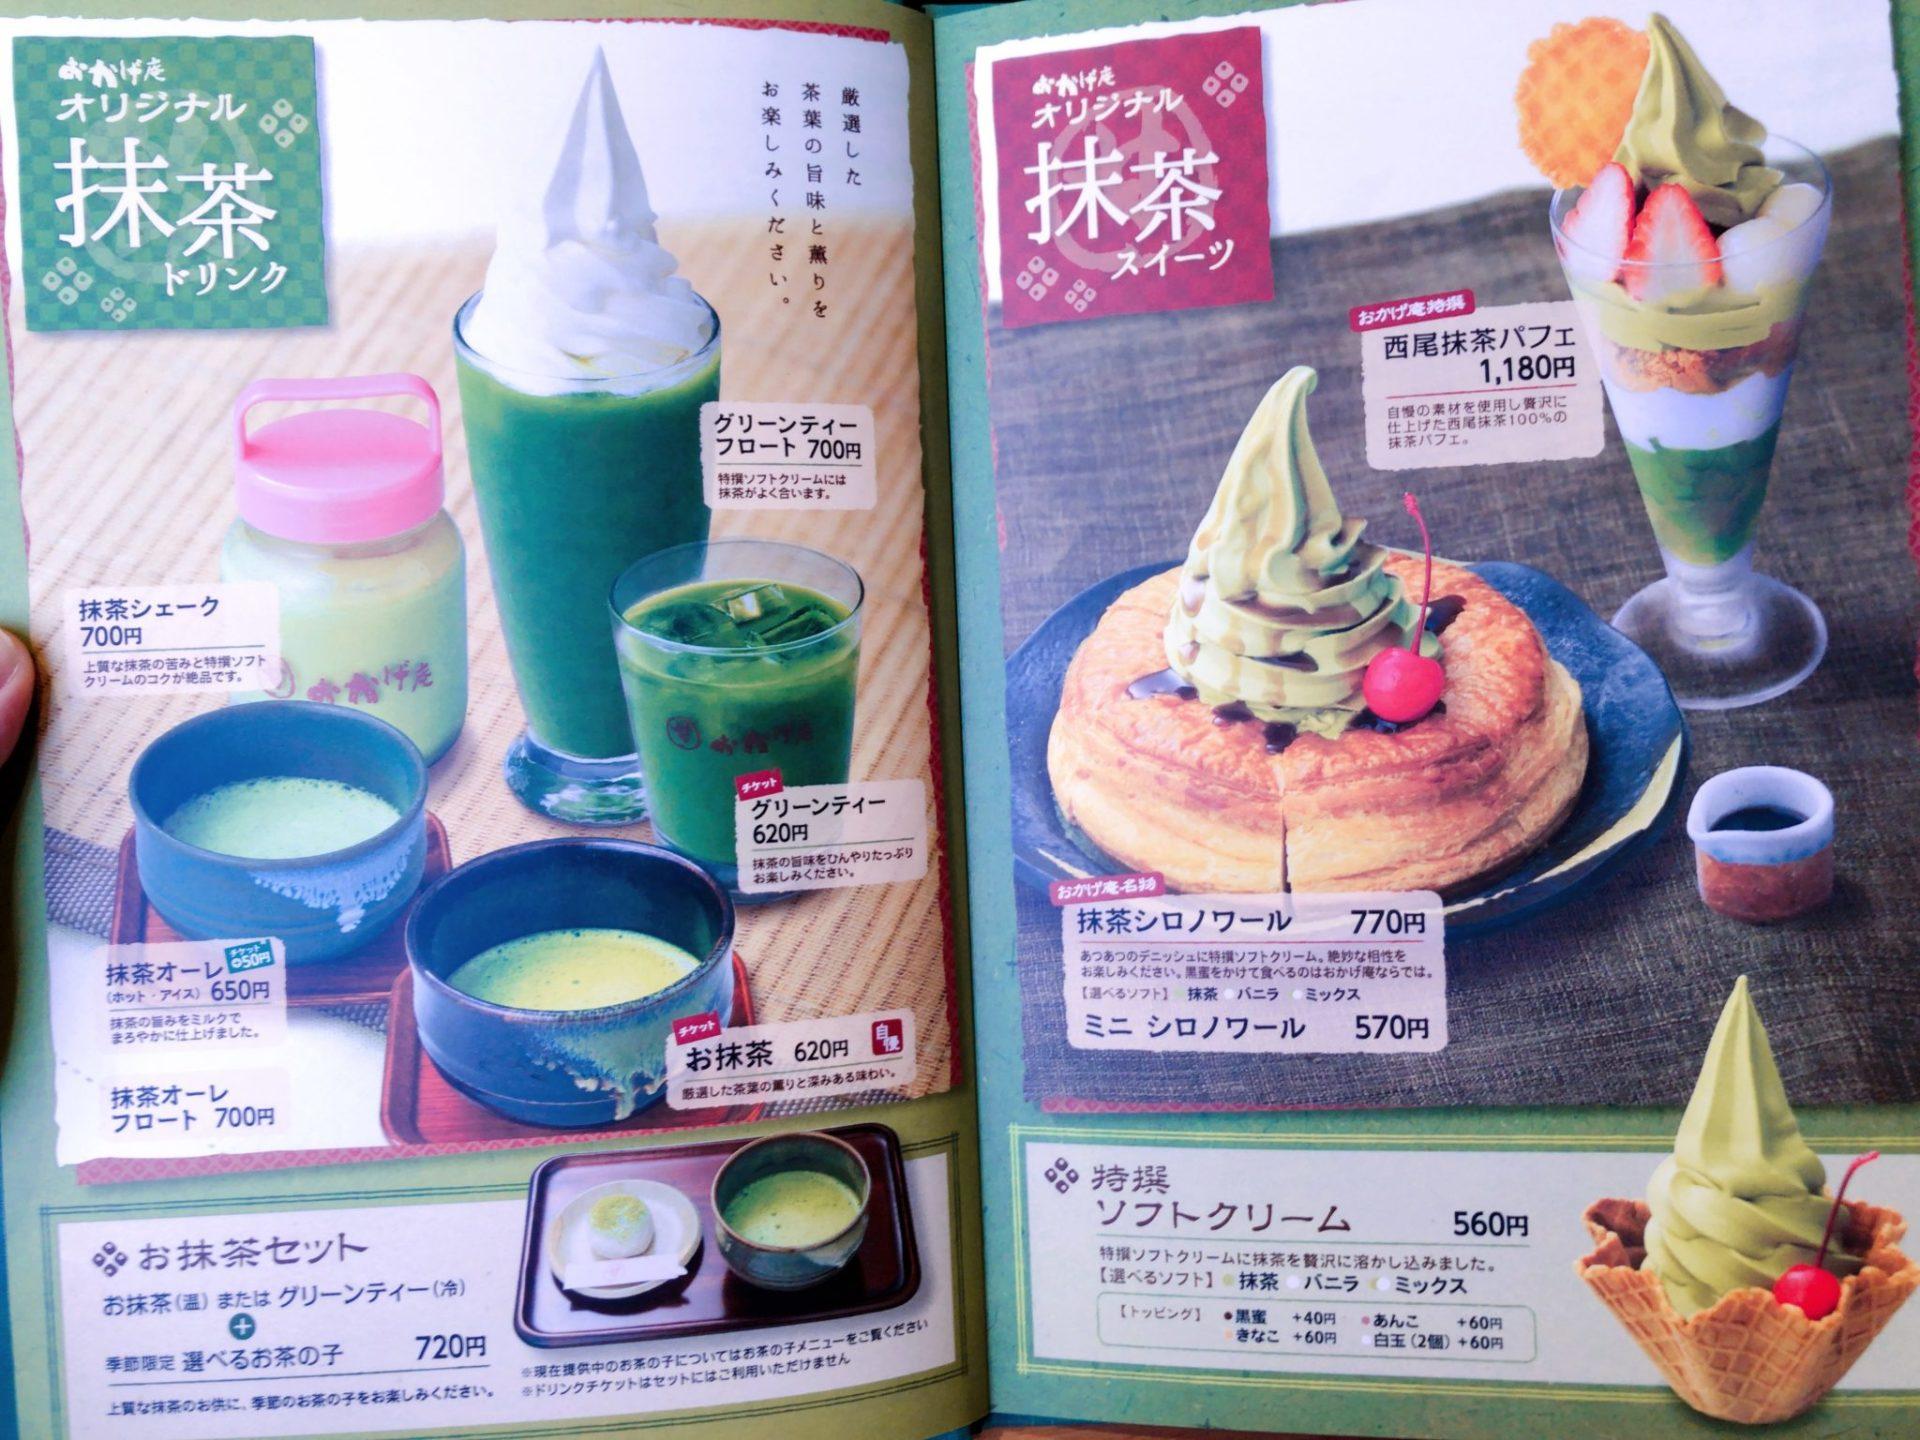 コメダ和喫茶 おかげ庵 駒沢公園前店の抹茶メニュー